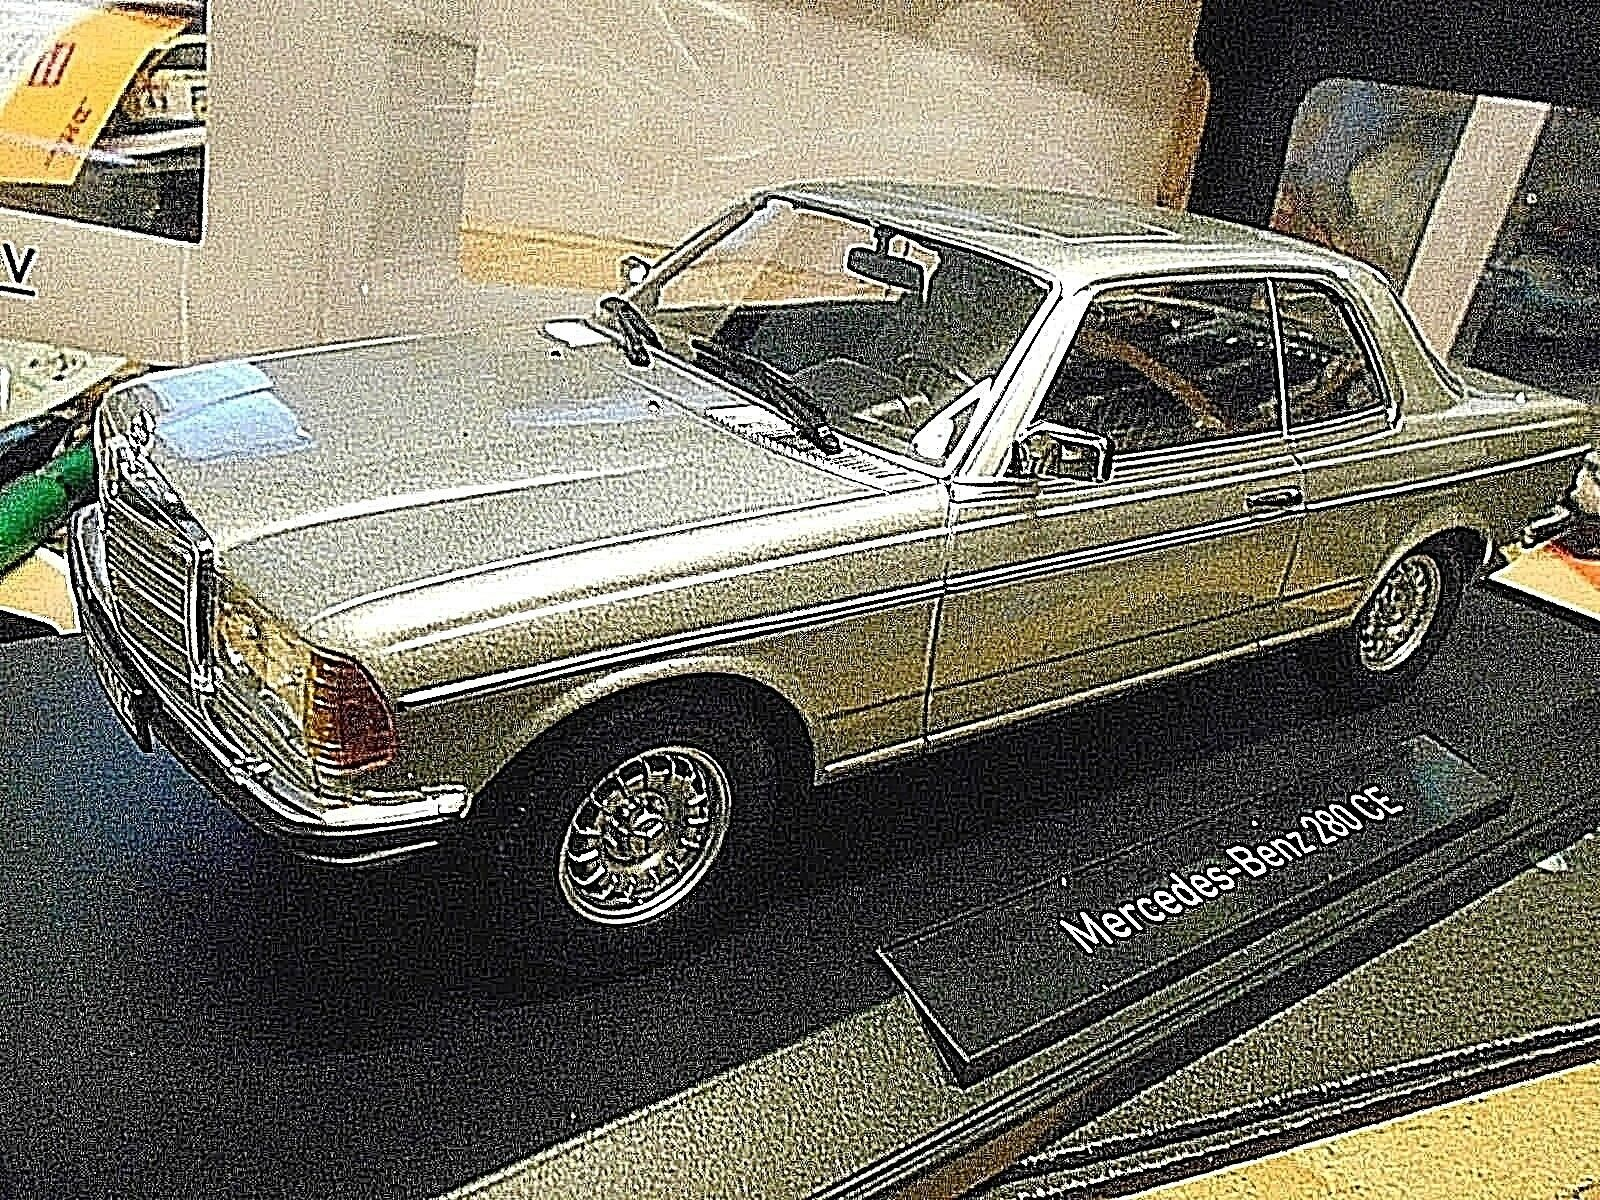 Mercedes w123 Coupé 280 c123 E Classe Argent 1977 - 1982 NOREV RAR 1 18